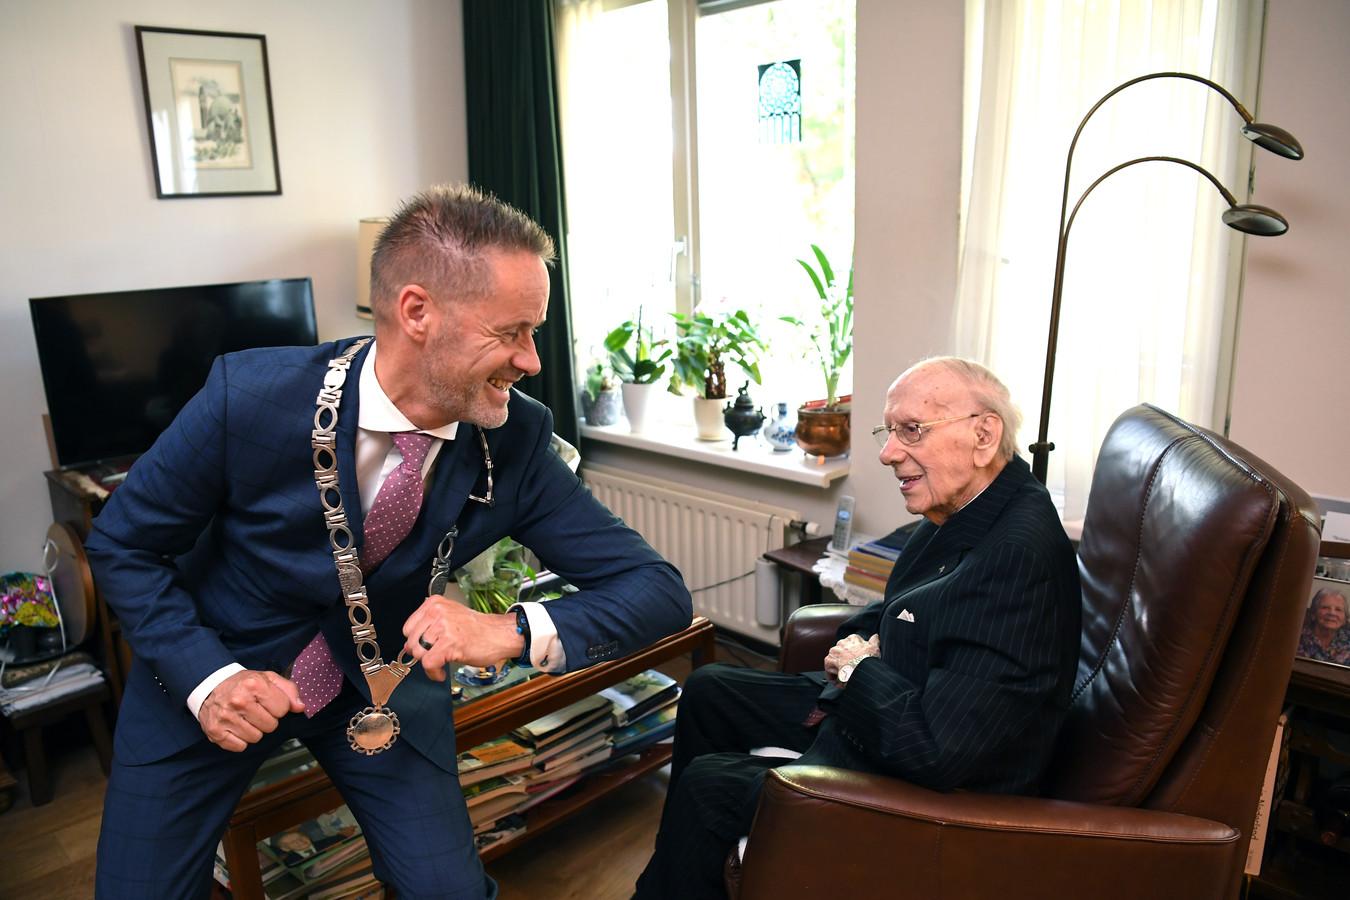 Loco-burgemeester John van den Hoven feliciteert Harrie van Oudheusden met zijn bijzondere verjaardag.